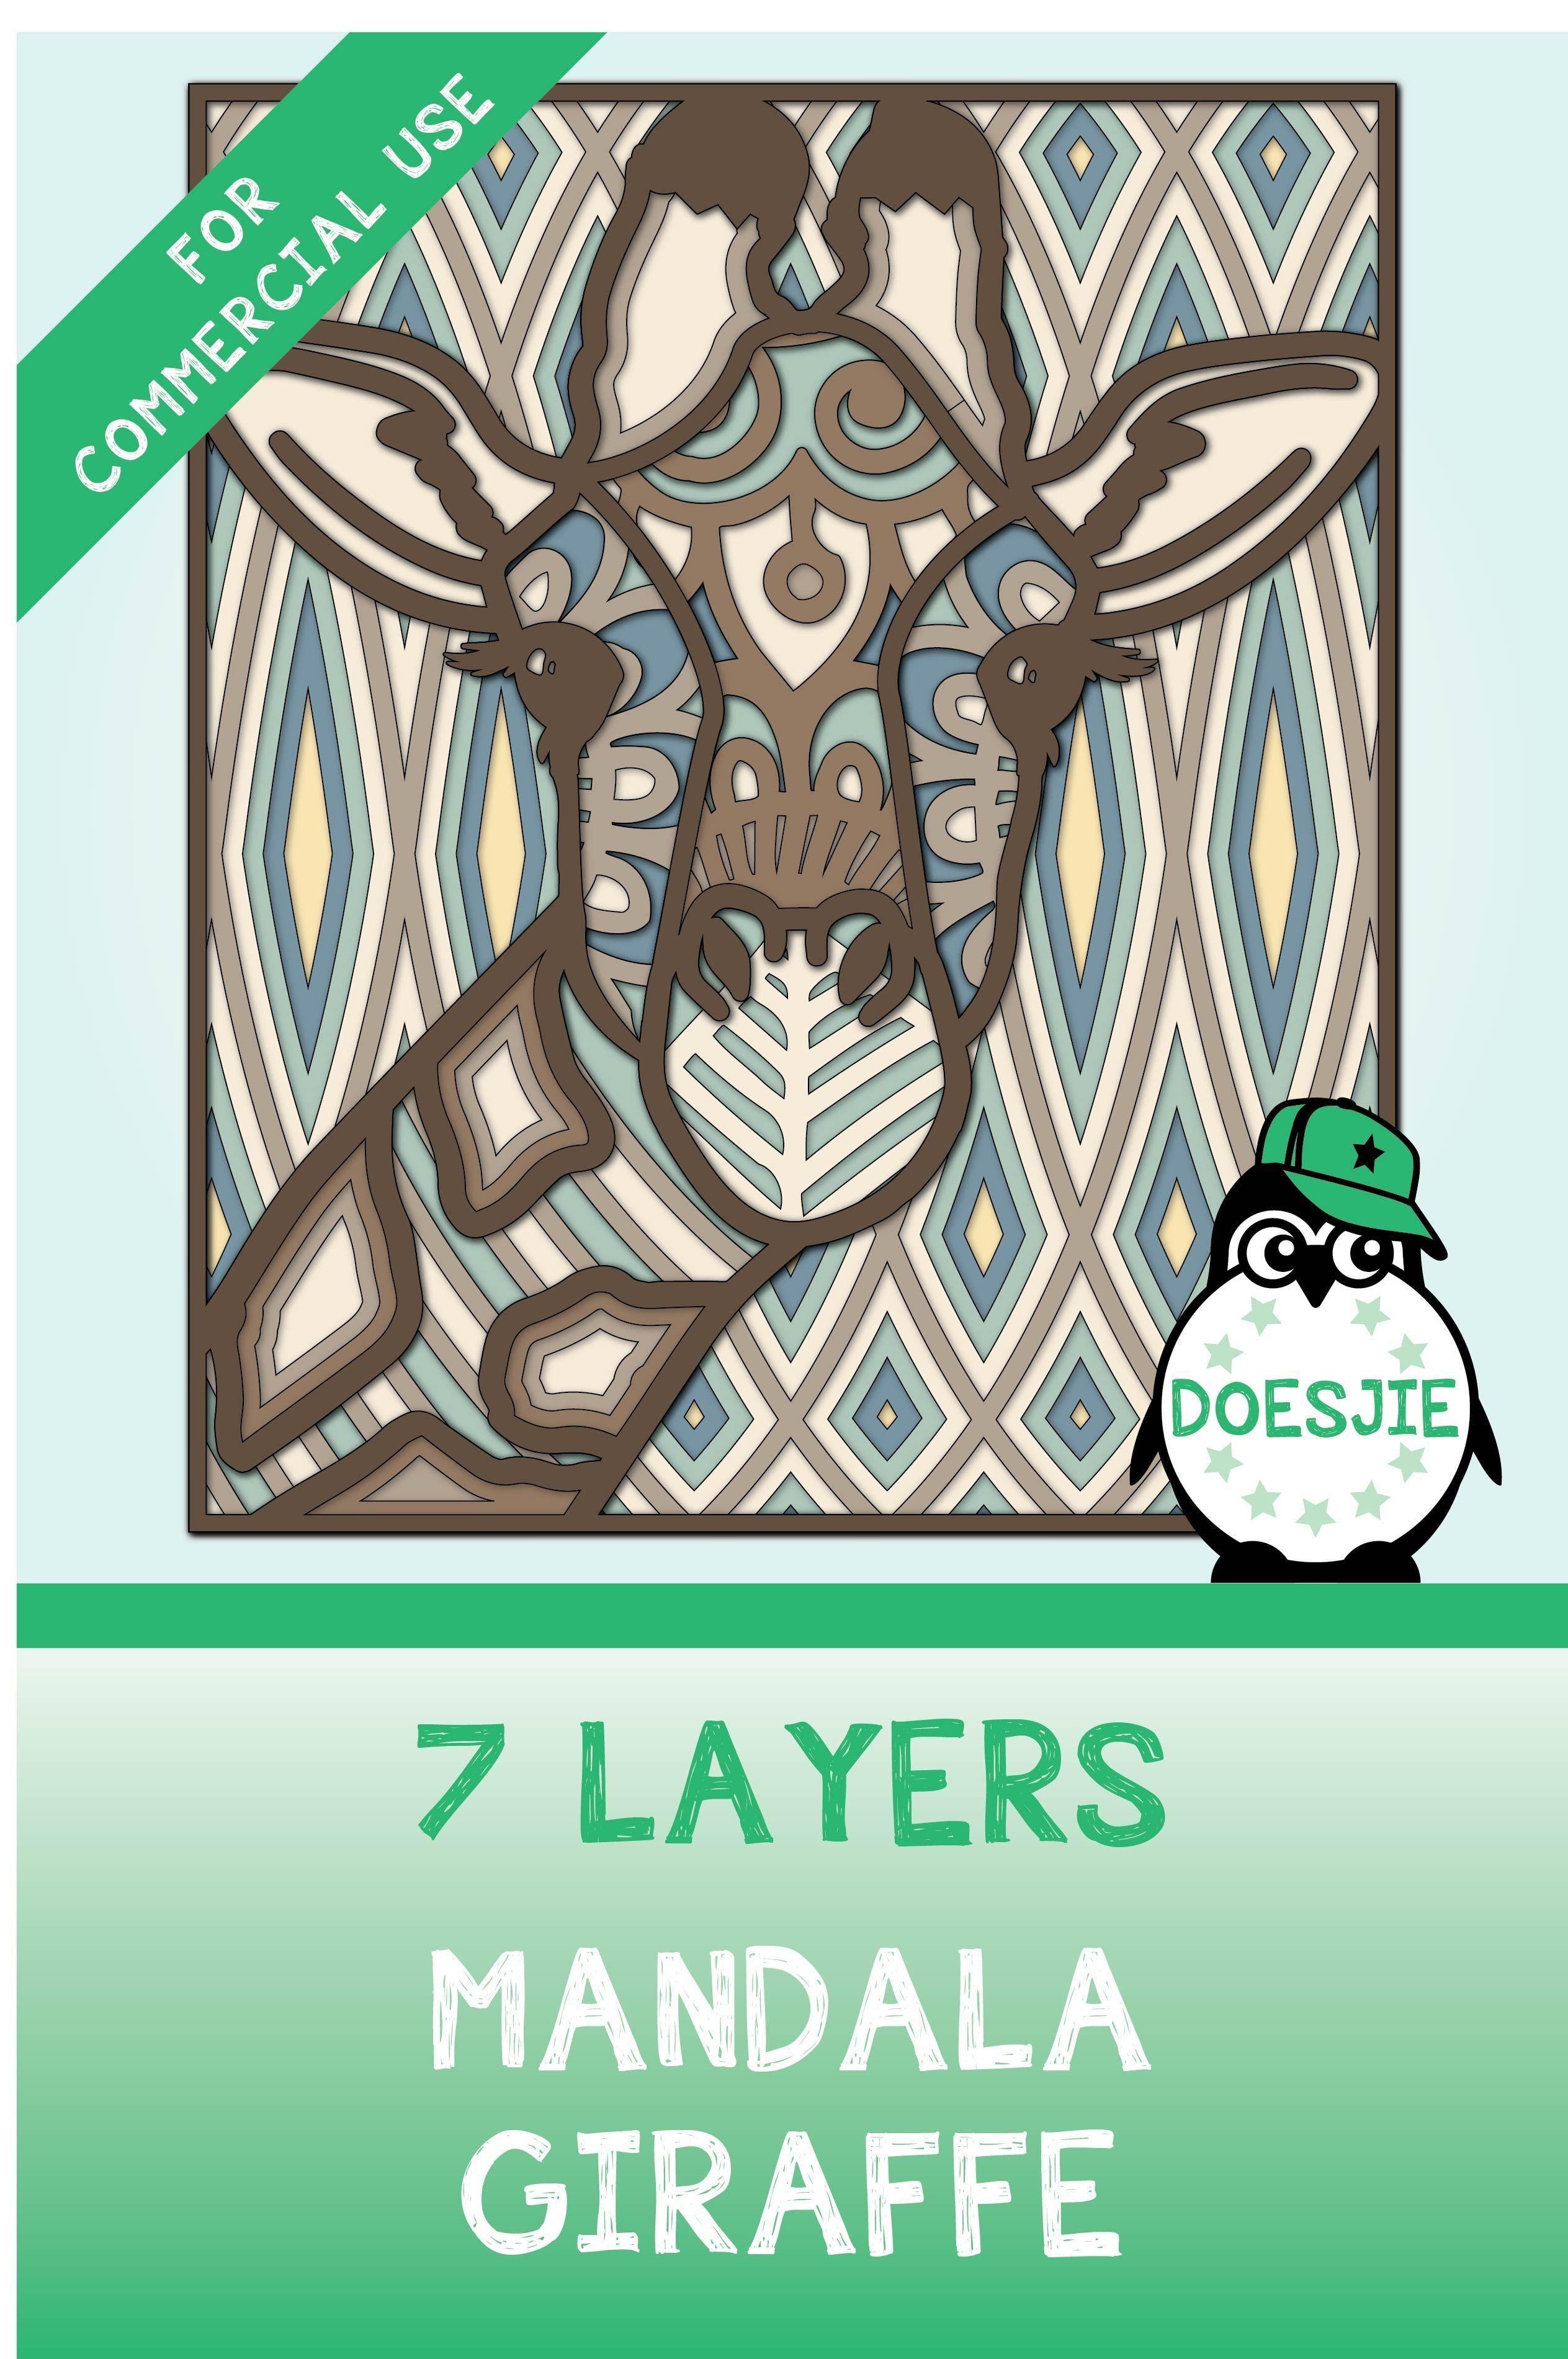 Download Giraffe Multi layer mandala SVG in 2020 | Mandala ...